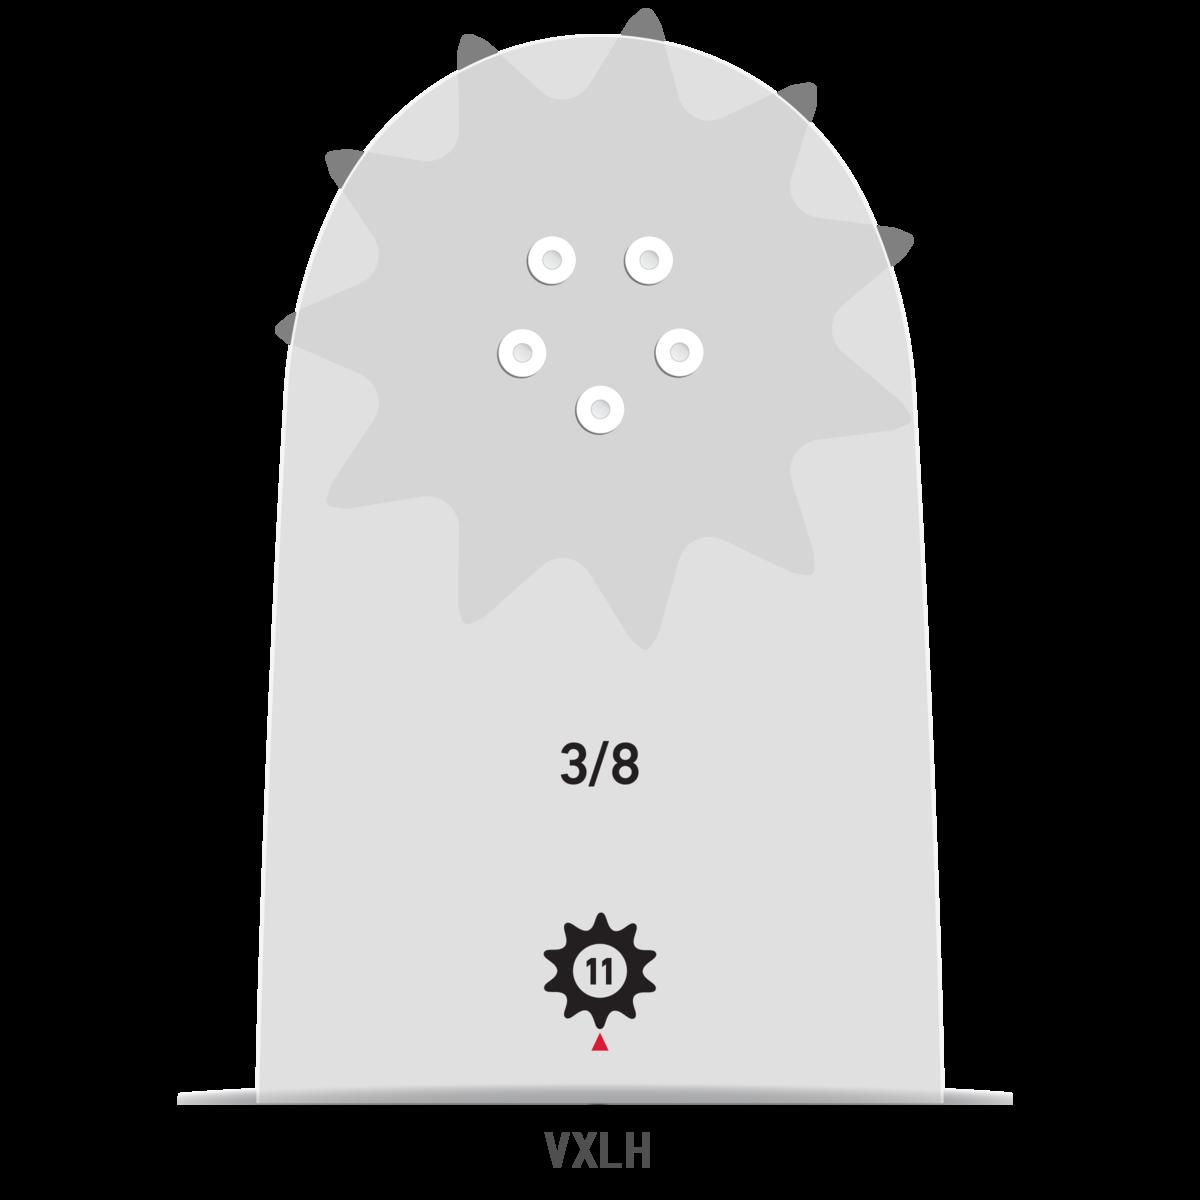 158VXLHD009